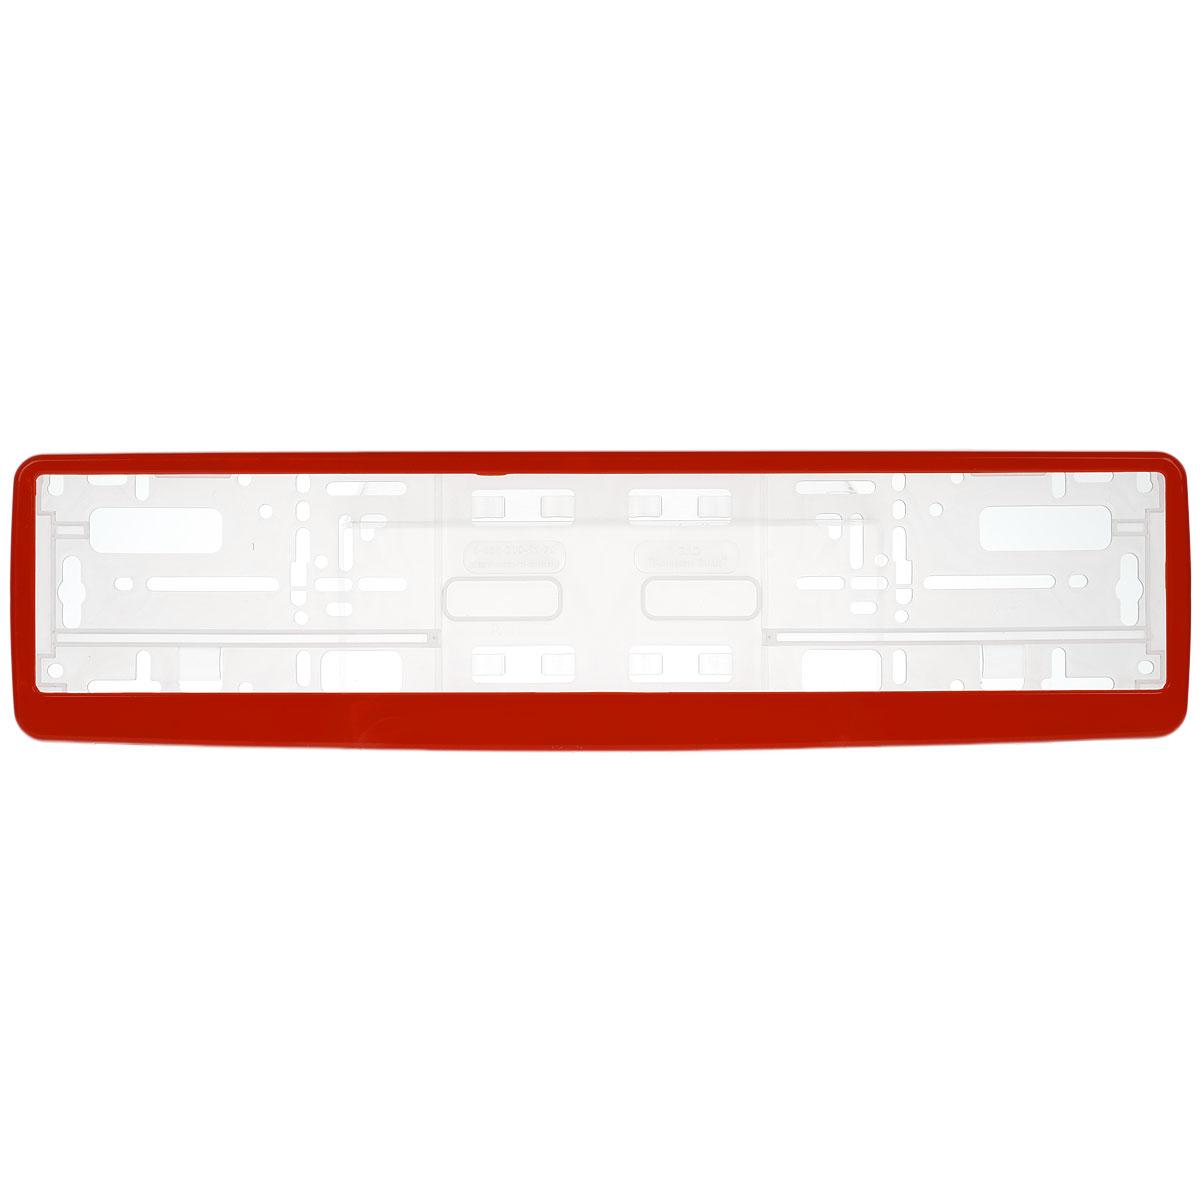 Рамка под номер Концерн Знак, цвет: красныйЗ0000012306Рамка Концерн Знак не только закрепит регистрационный знак на вашем автомобиле, но и красиво его оформит. Основание рамки выполнено из полипропилена, материал лицевой панели - пластик.Она предназначена для крепления регистрационного знака российского и европейского образца. Устанавливается на все типы автомобилей. Крепления в комплект не входят.Стильный дизайн идеально впишется в экстерьер вашего автомобиля.Размер рамки: 53,5 см х 13,5 см. Размер регистрационного знака: 52,5 см х 11,5 см.